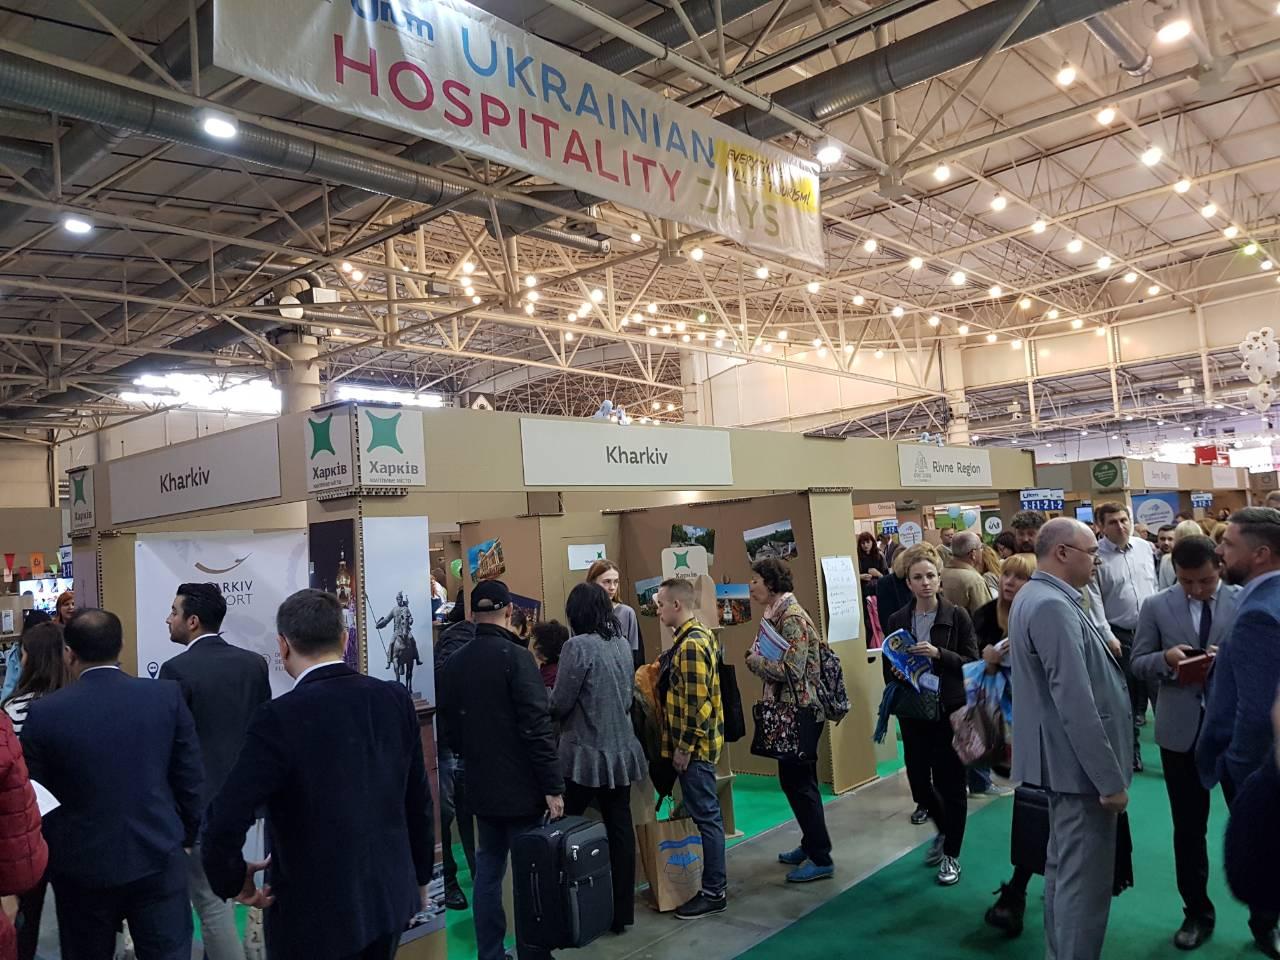 Харків бере участь у туристичній виставці в Києві